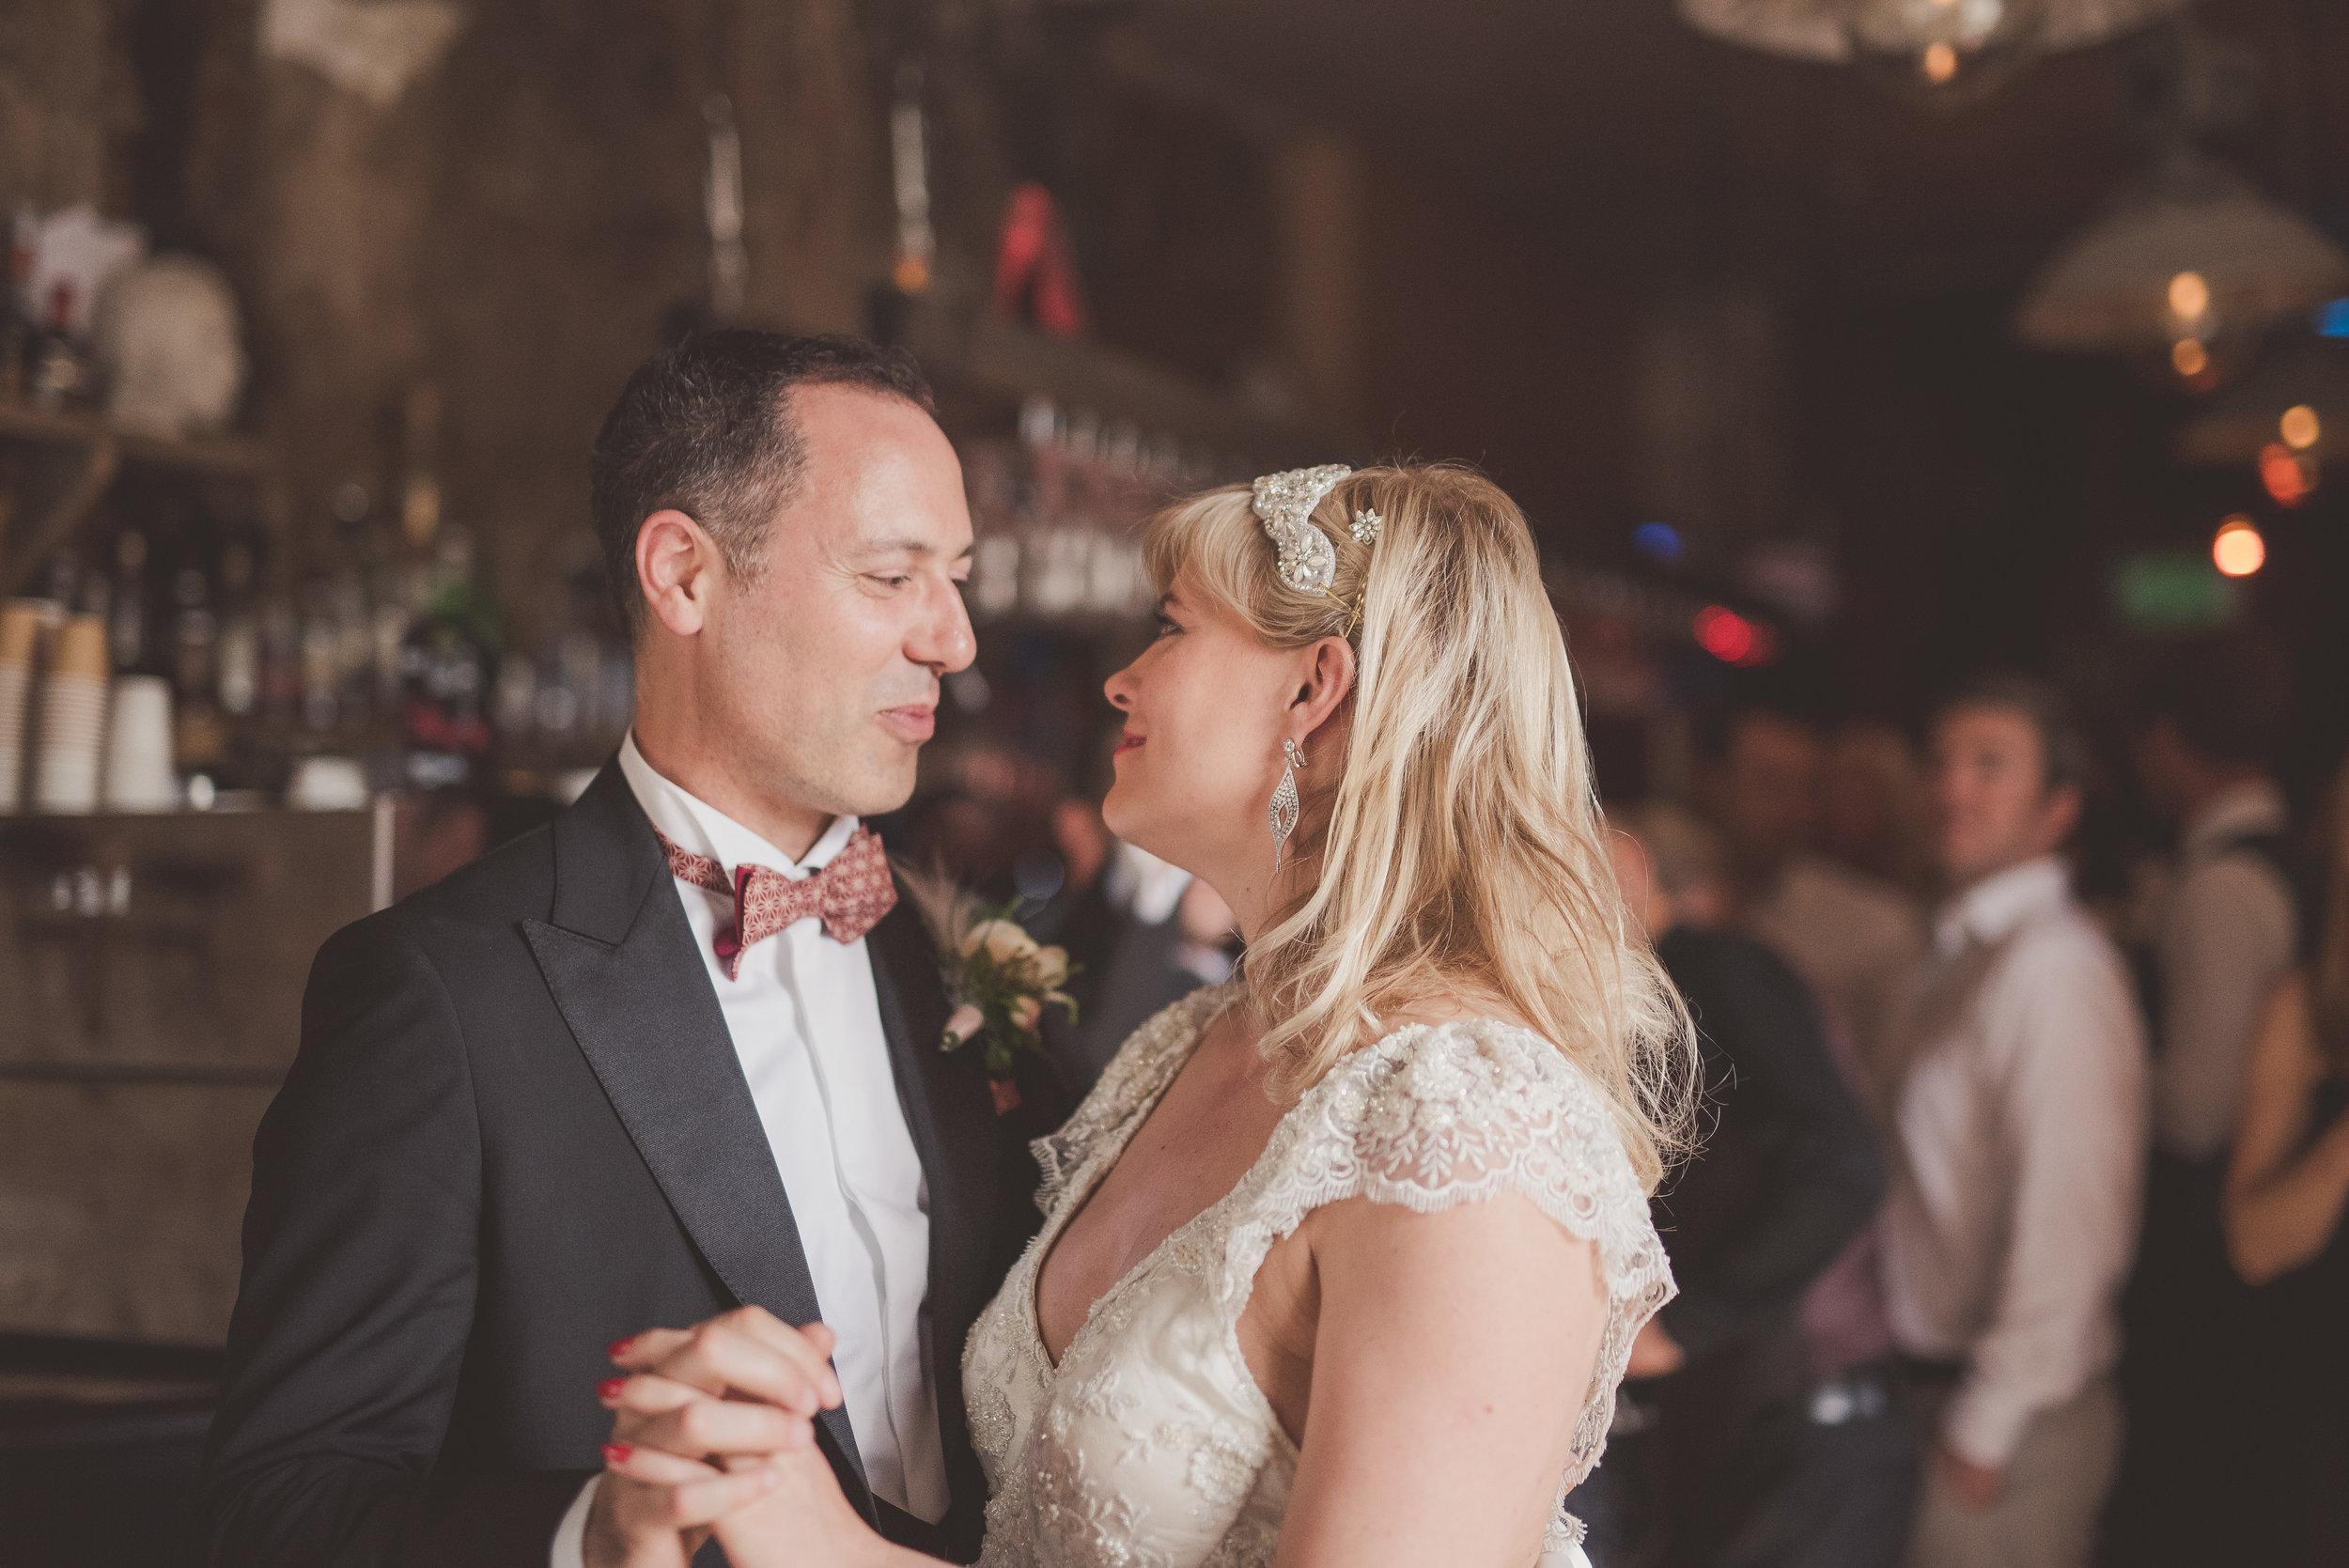 First dance. Wedding first dance.